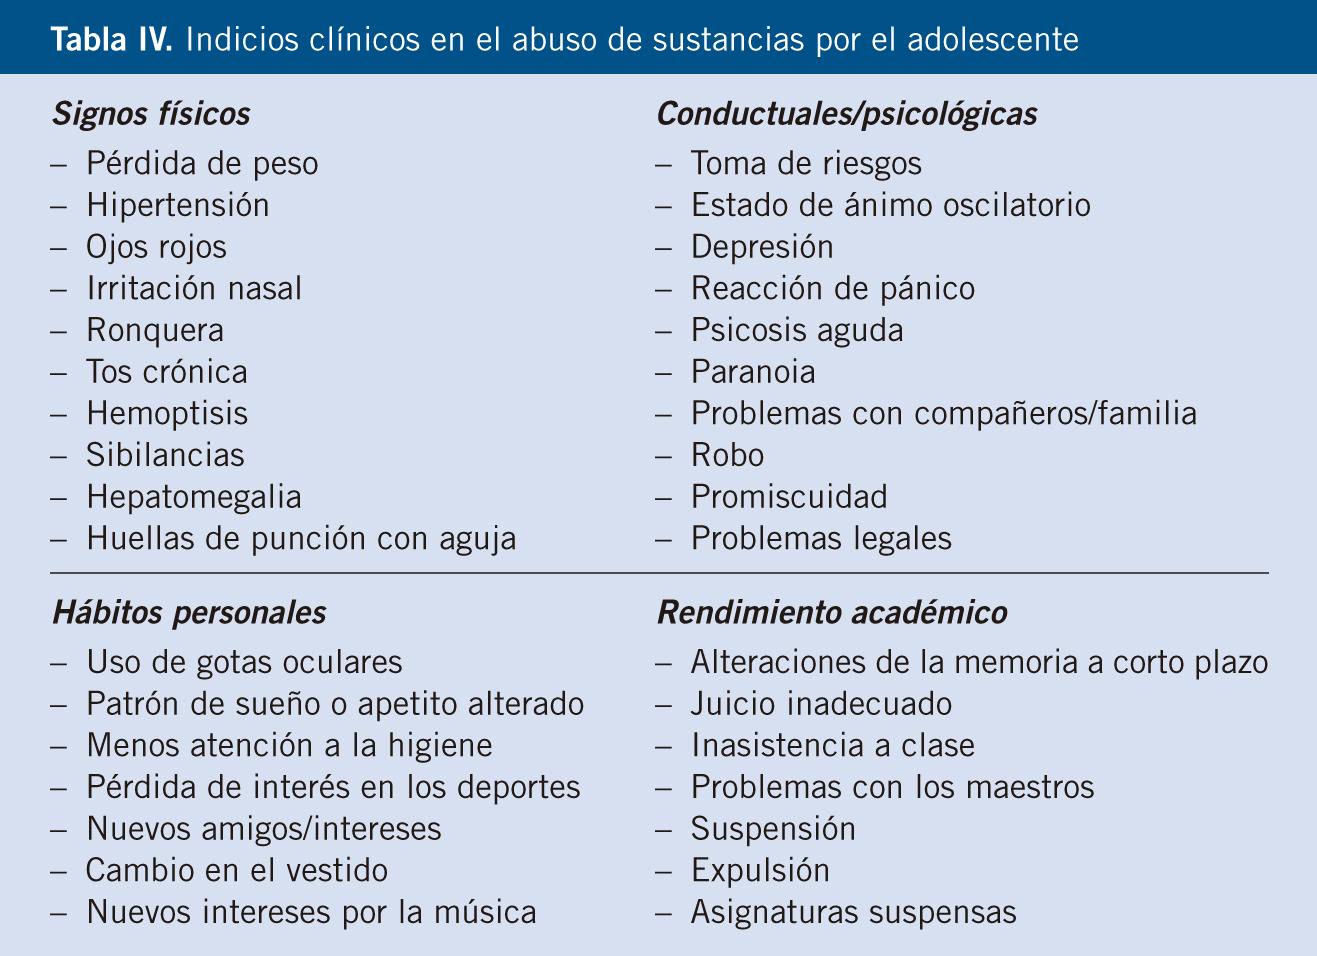 Consumo De Tabaco Alcohol Y Drogas En La Adolescencia